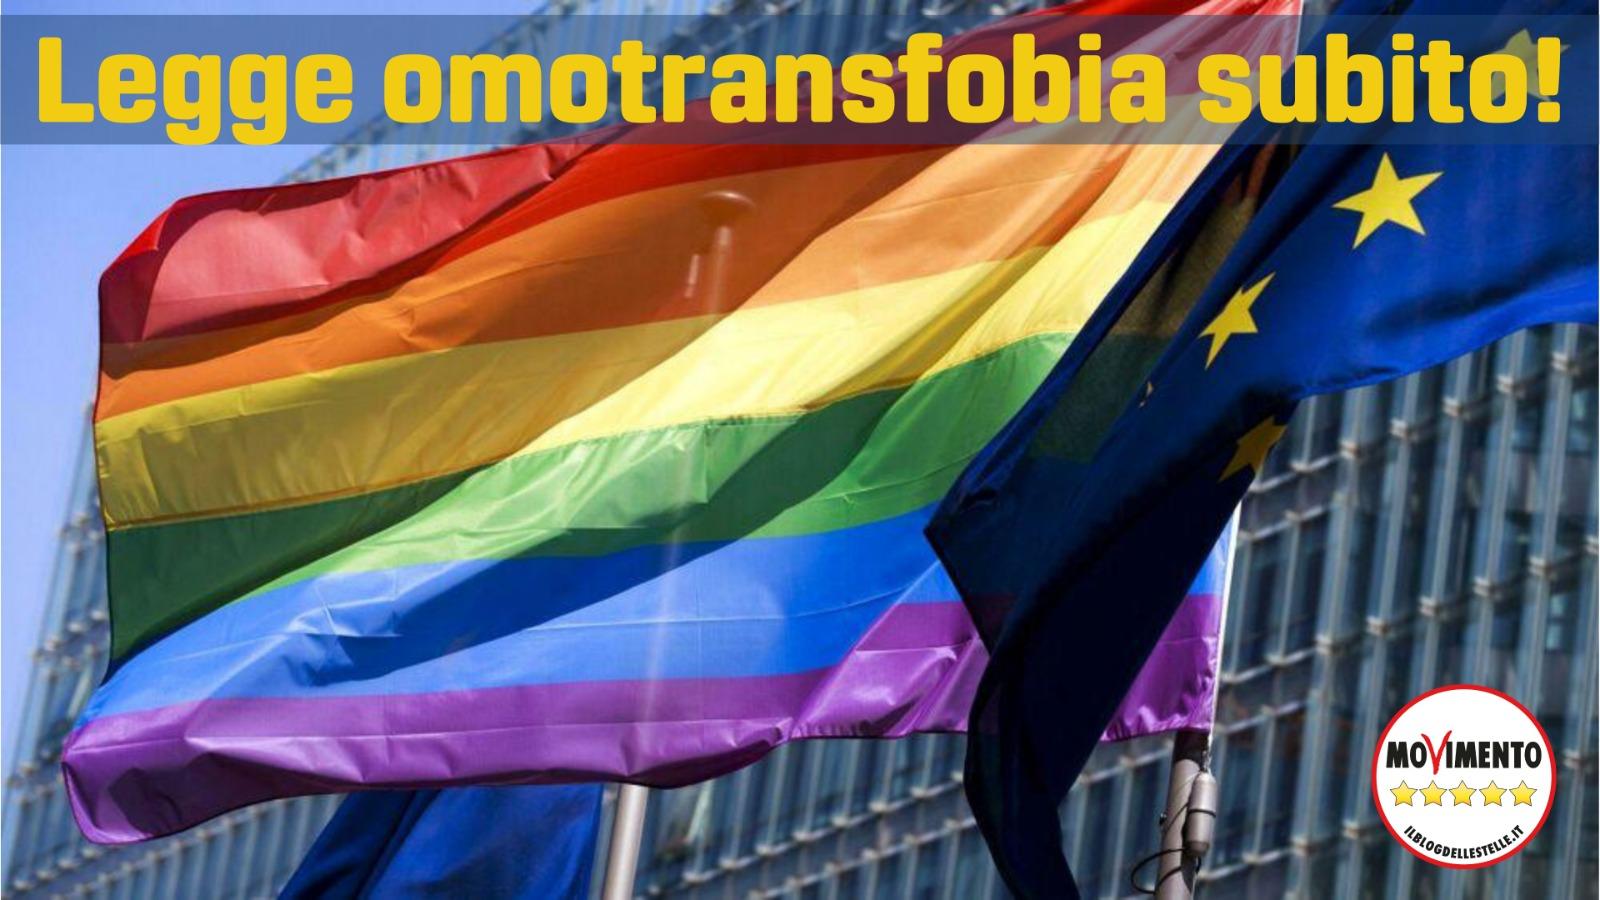 Il #M5S ha voluto l'istituzione e il finanziamento degli sportelli e centri rifugio #LGBT, ora in bando presso l'#UnarIl M5S ha voluto l'istituzione della giornata contro l'omolesbobitransfobia e percorsi di educazione e sensibilizzazione nelle scuole Il M5S alla Camera, attraverso la sua presidenza della commissione Giustizia, ha immediatamente calendarizzato le proposte di legge .